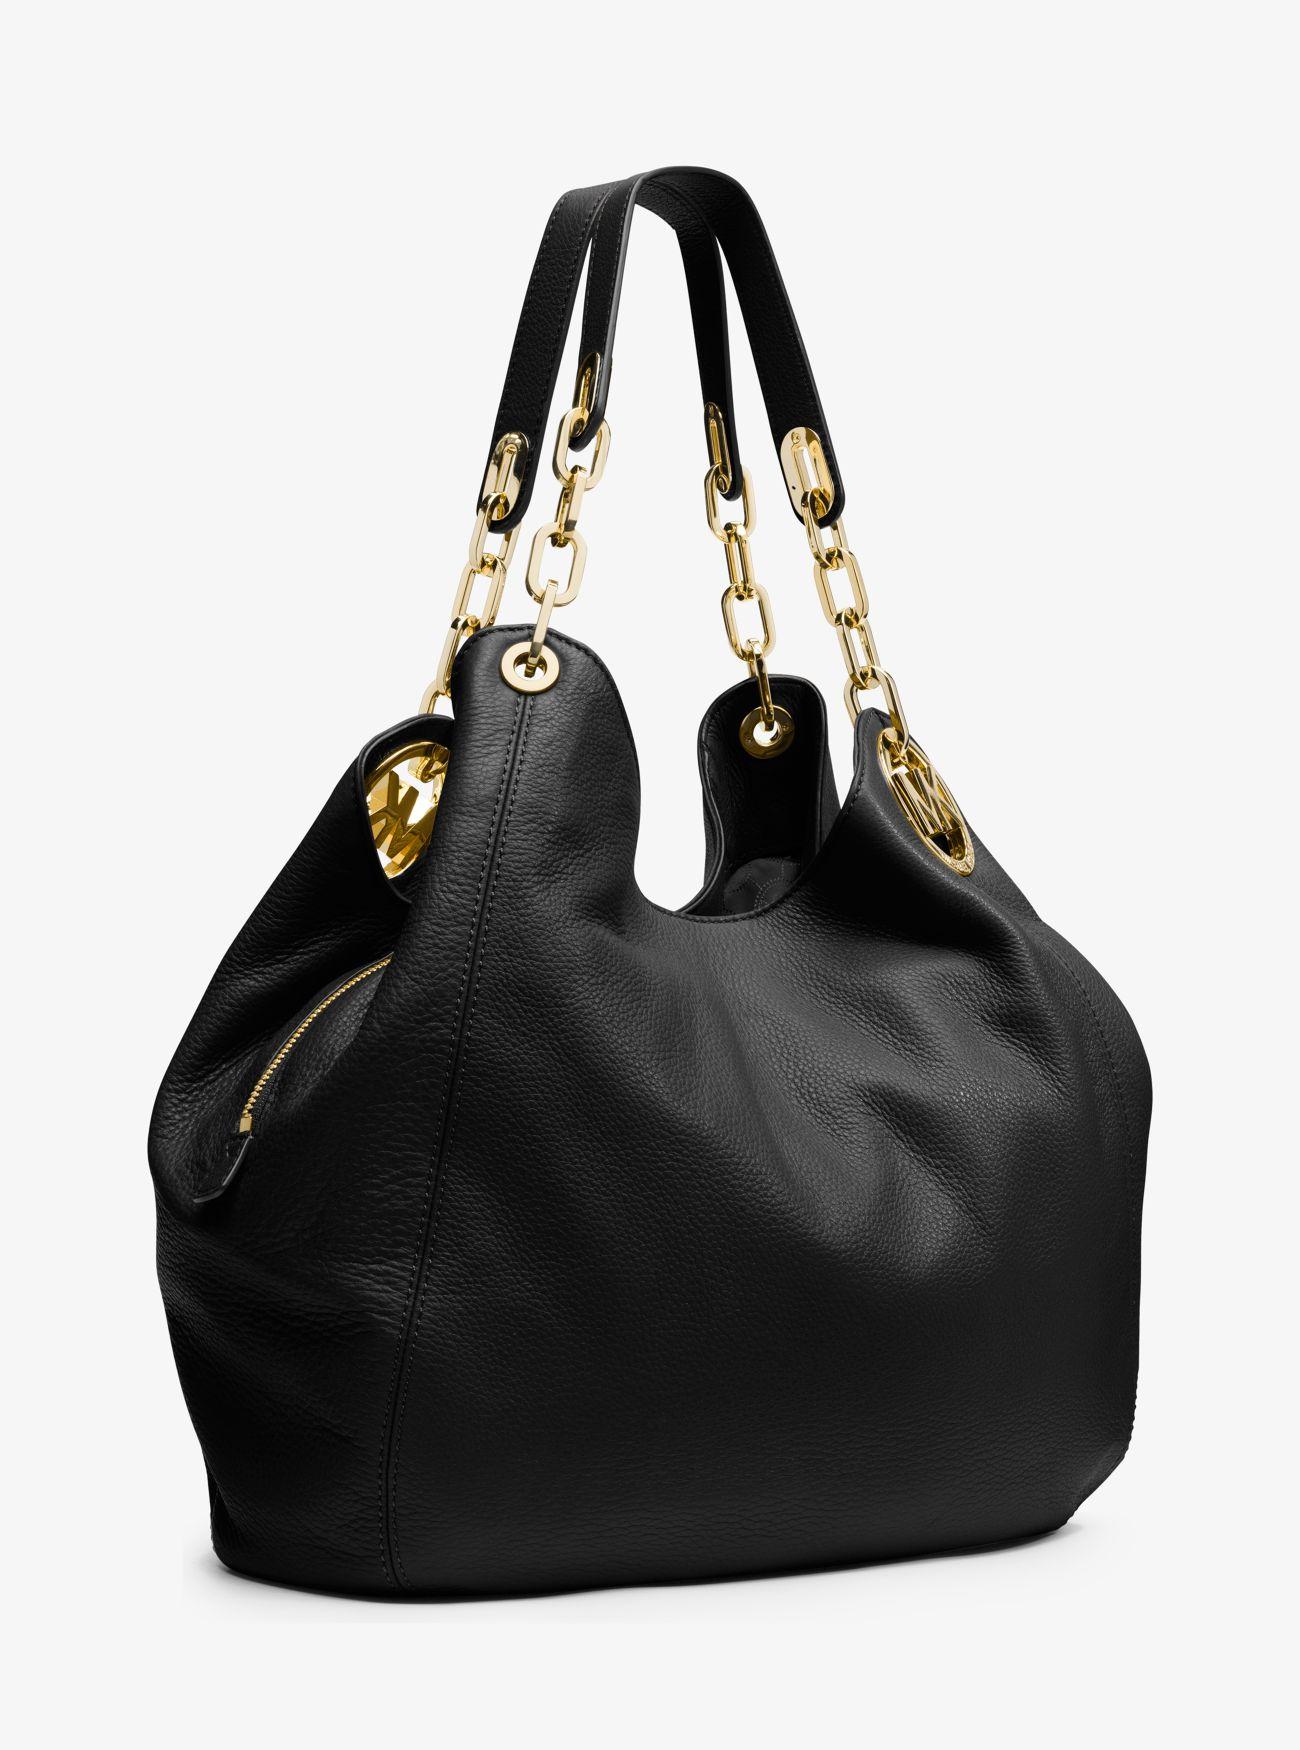 Fulton Large Leather Shoulder Bag | Michael Kors